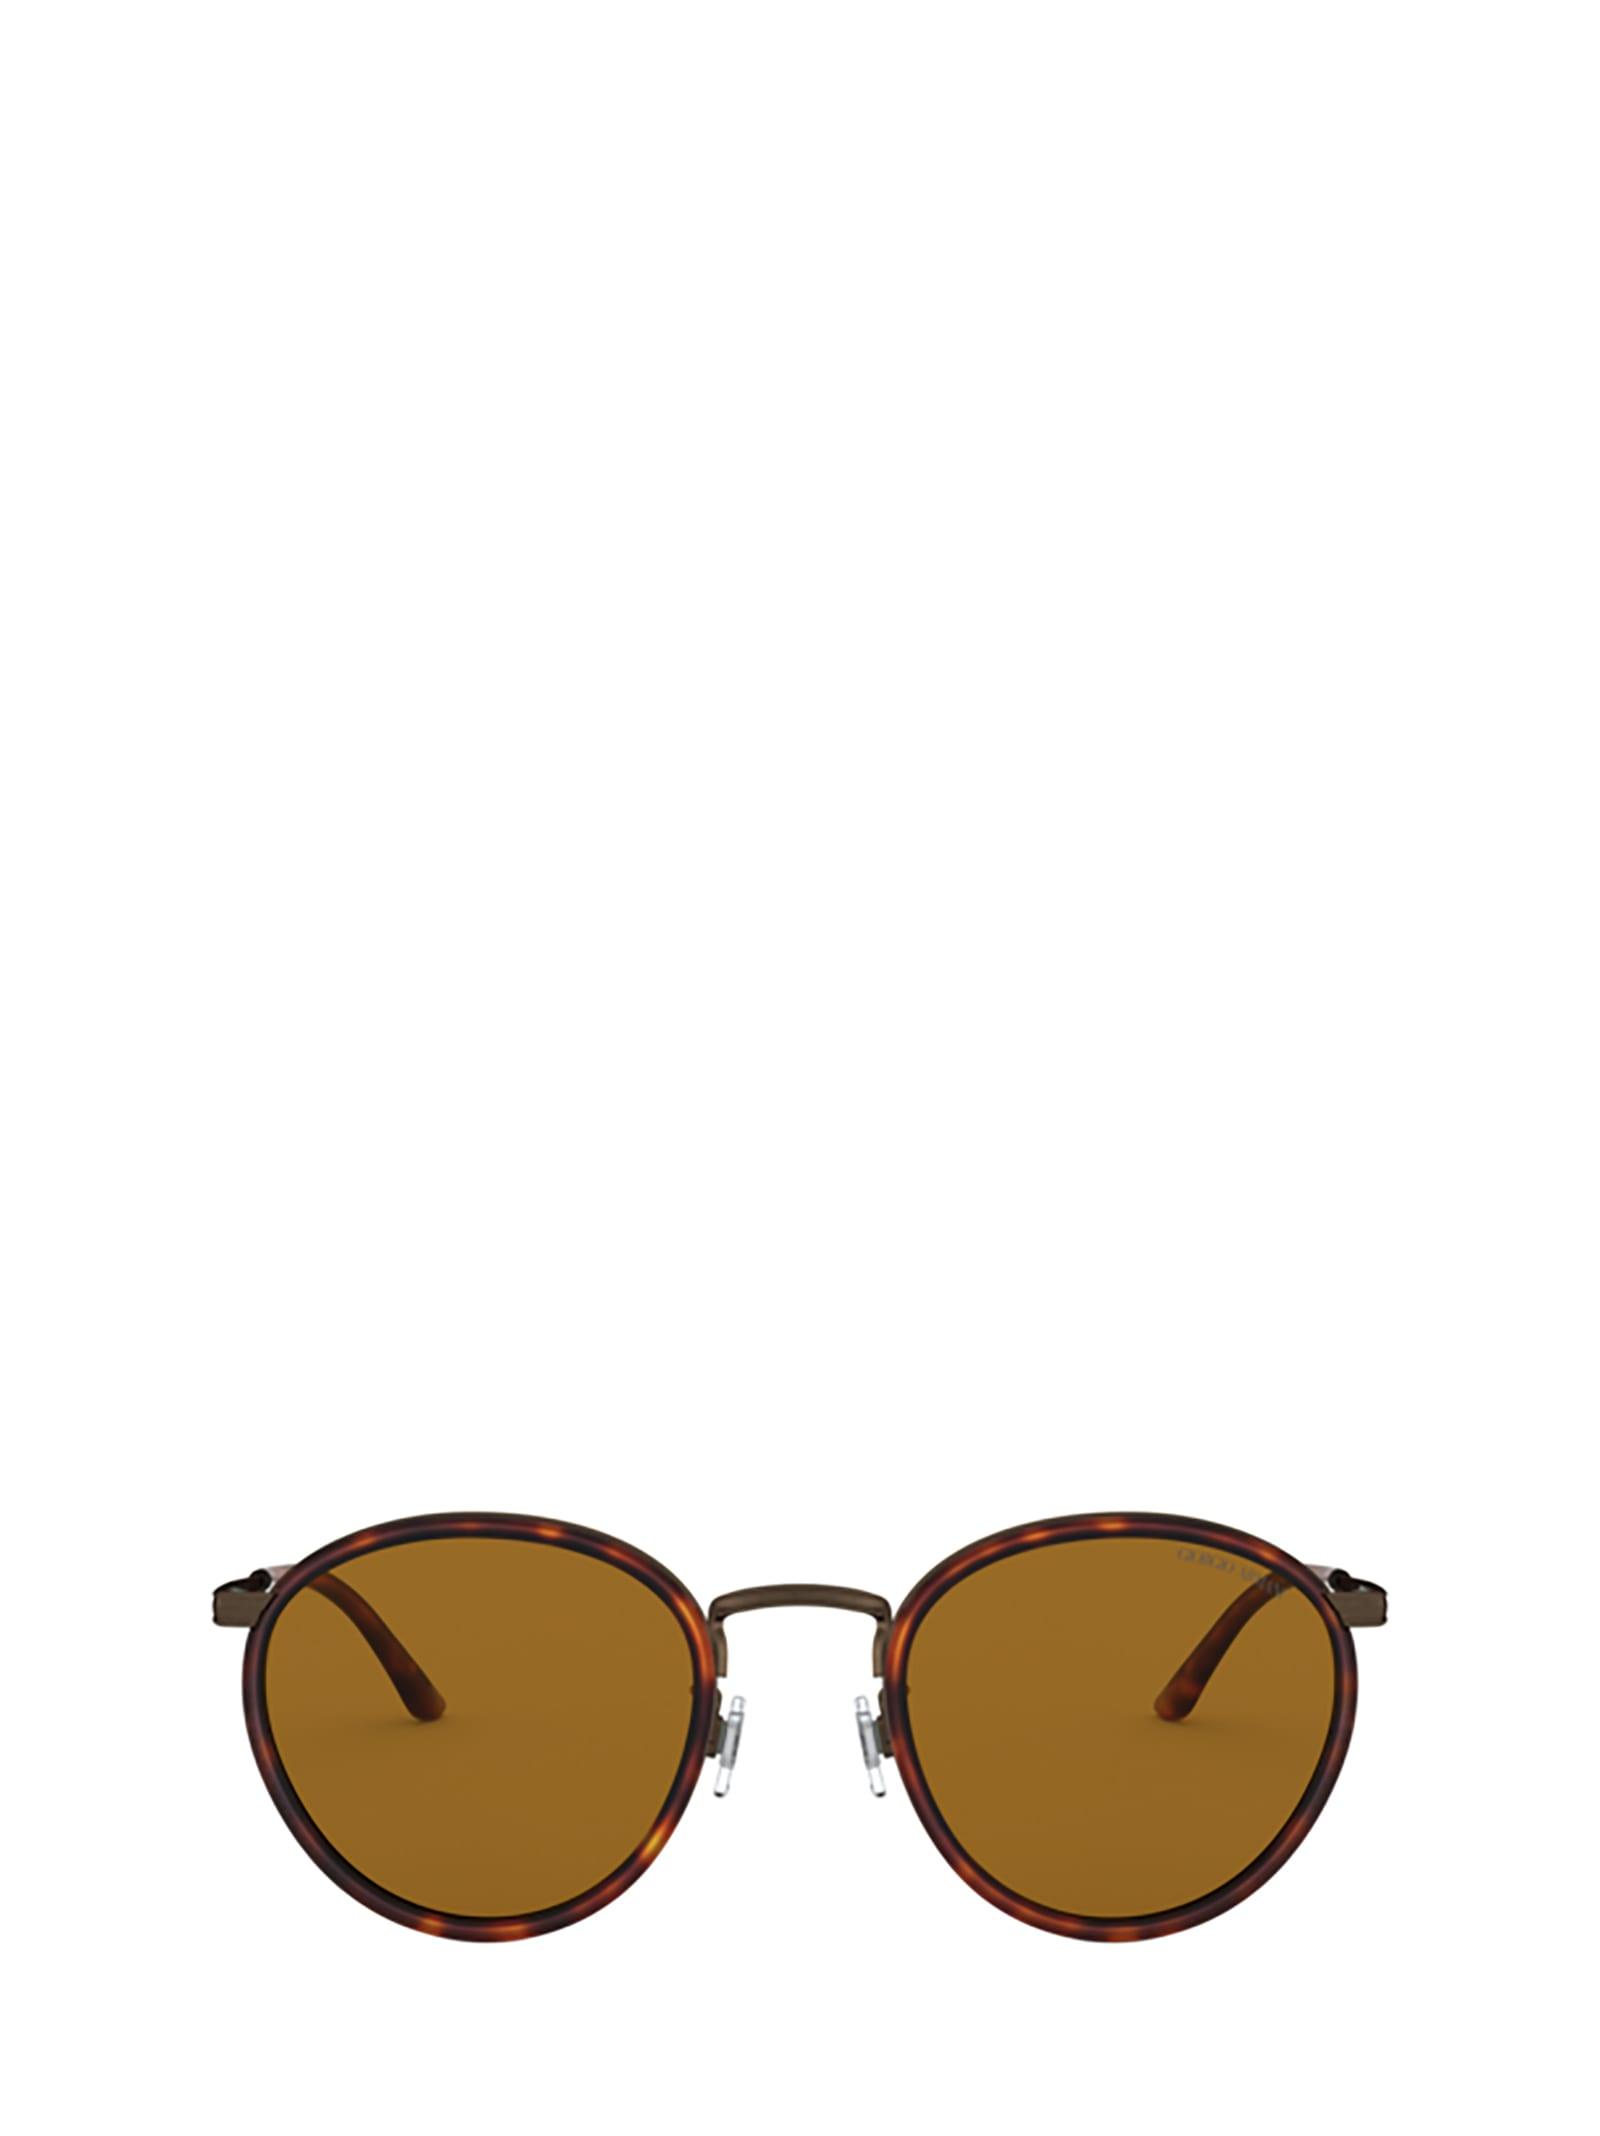 Giorgio Armani Giorgio Armani Ar 101m 325933 Sunglasses